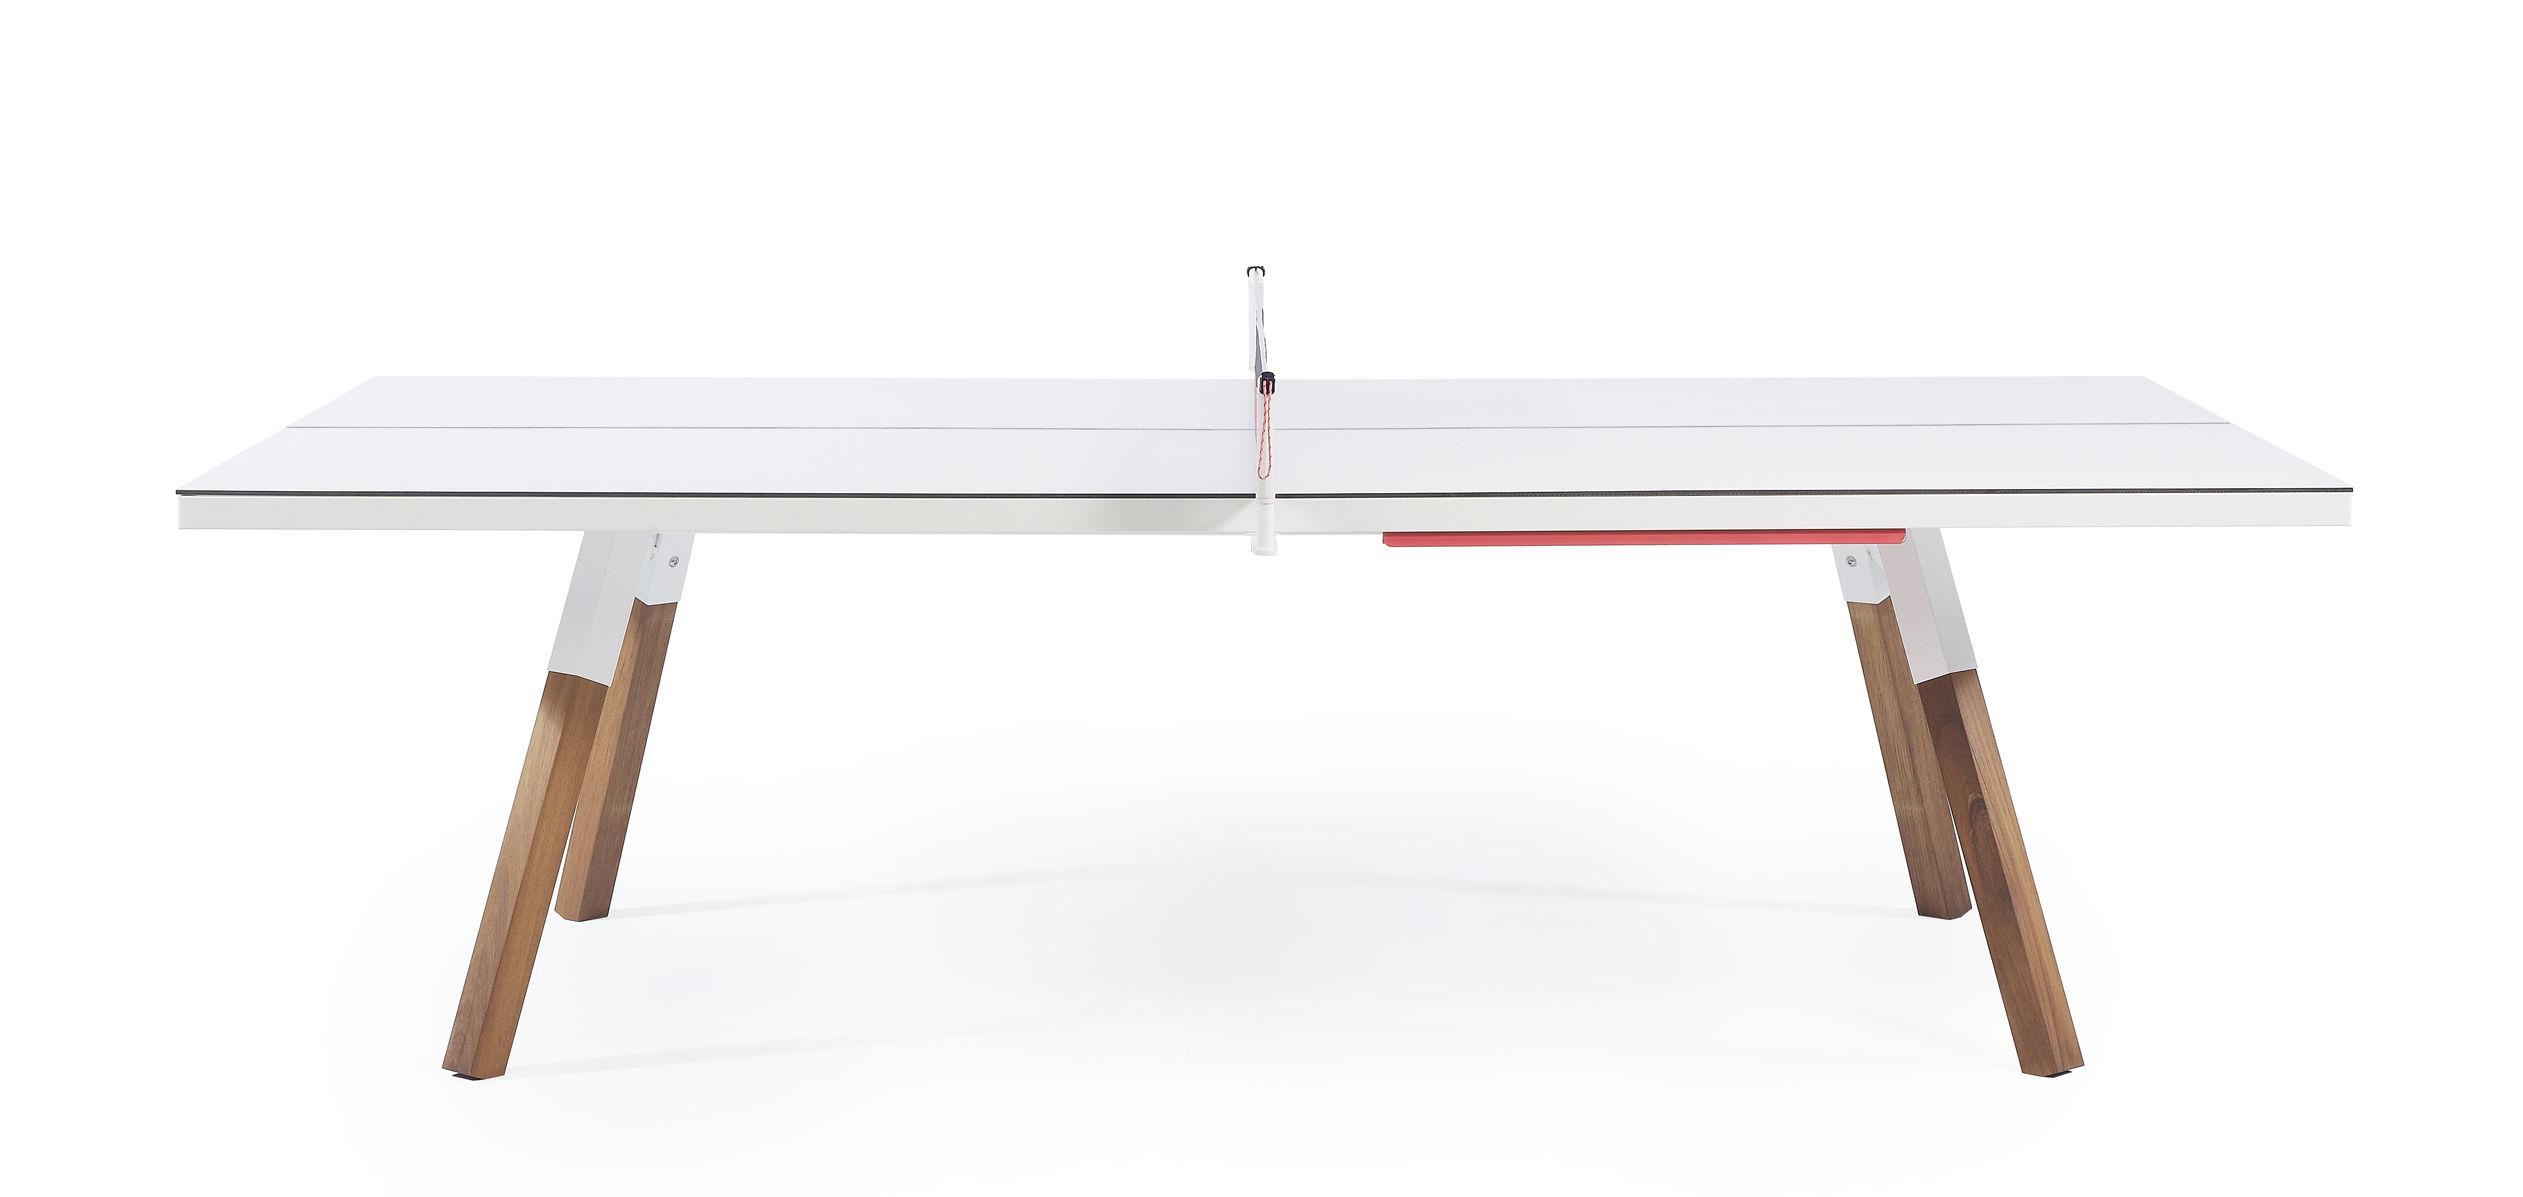 Scopri tavolo y m l 274 cm tavolo da ping pong da for Materiale tavolo ping pong